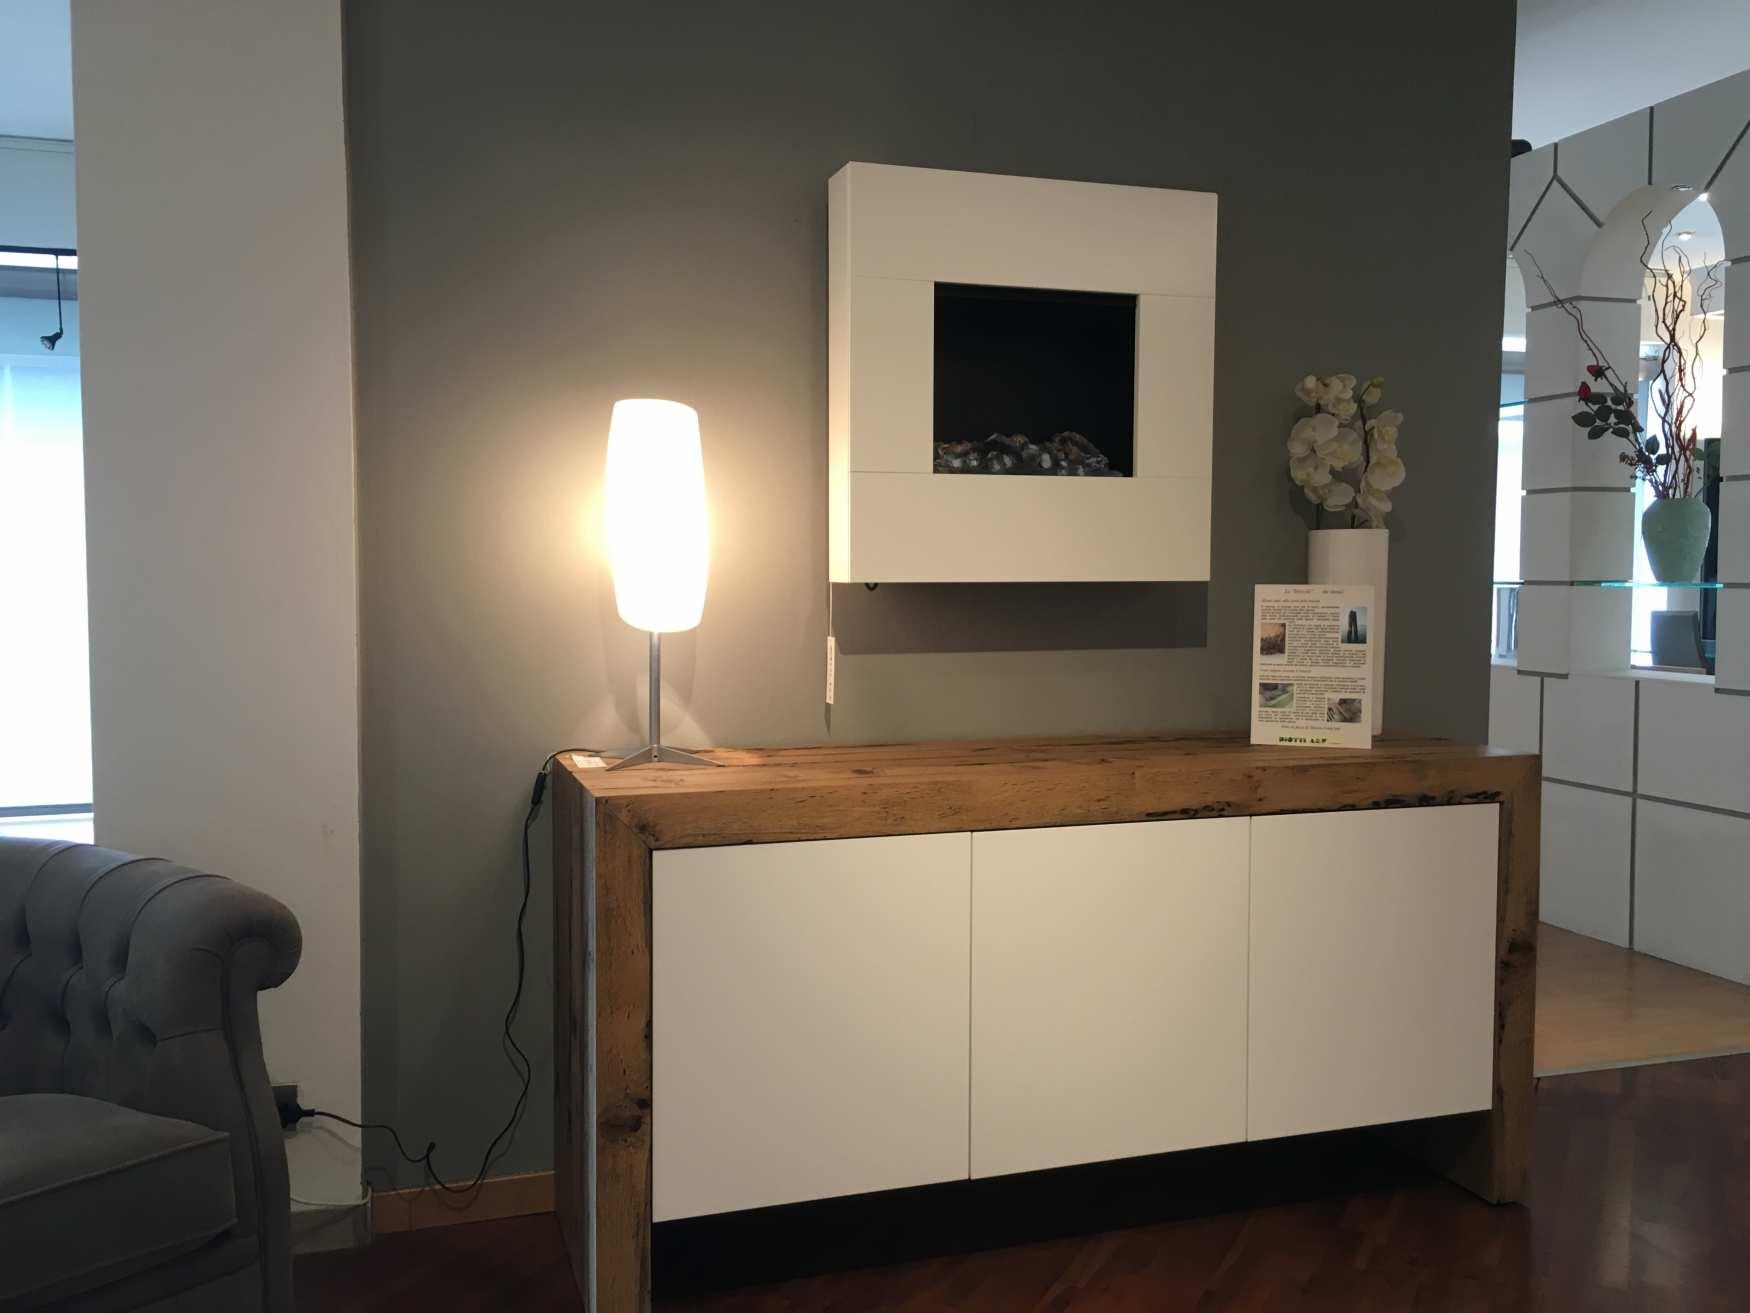 Ampi spazi per i mobili di milanomondo da arredamenti for Vergani arredamenti